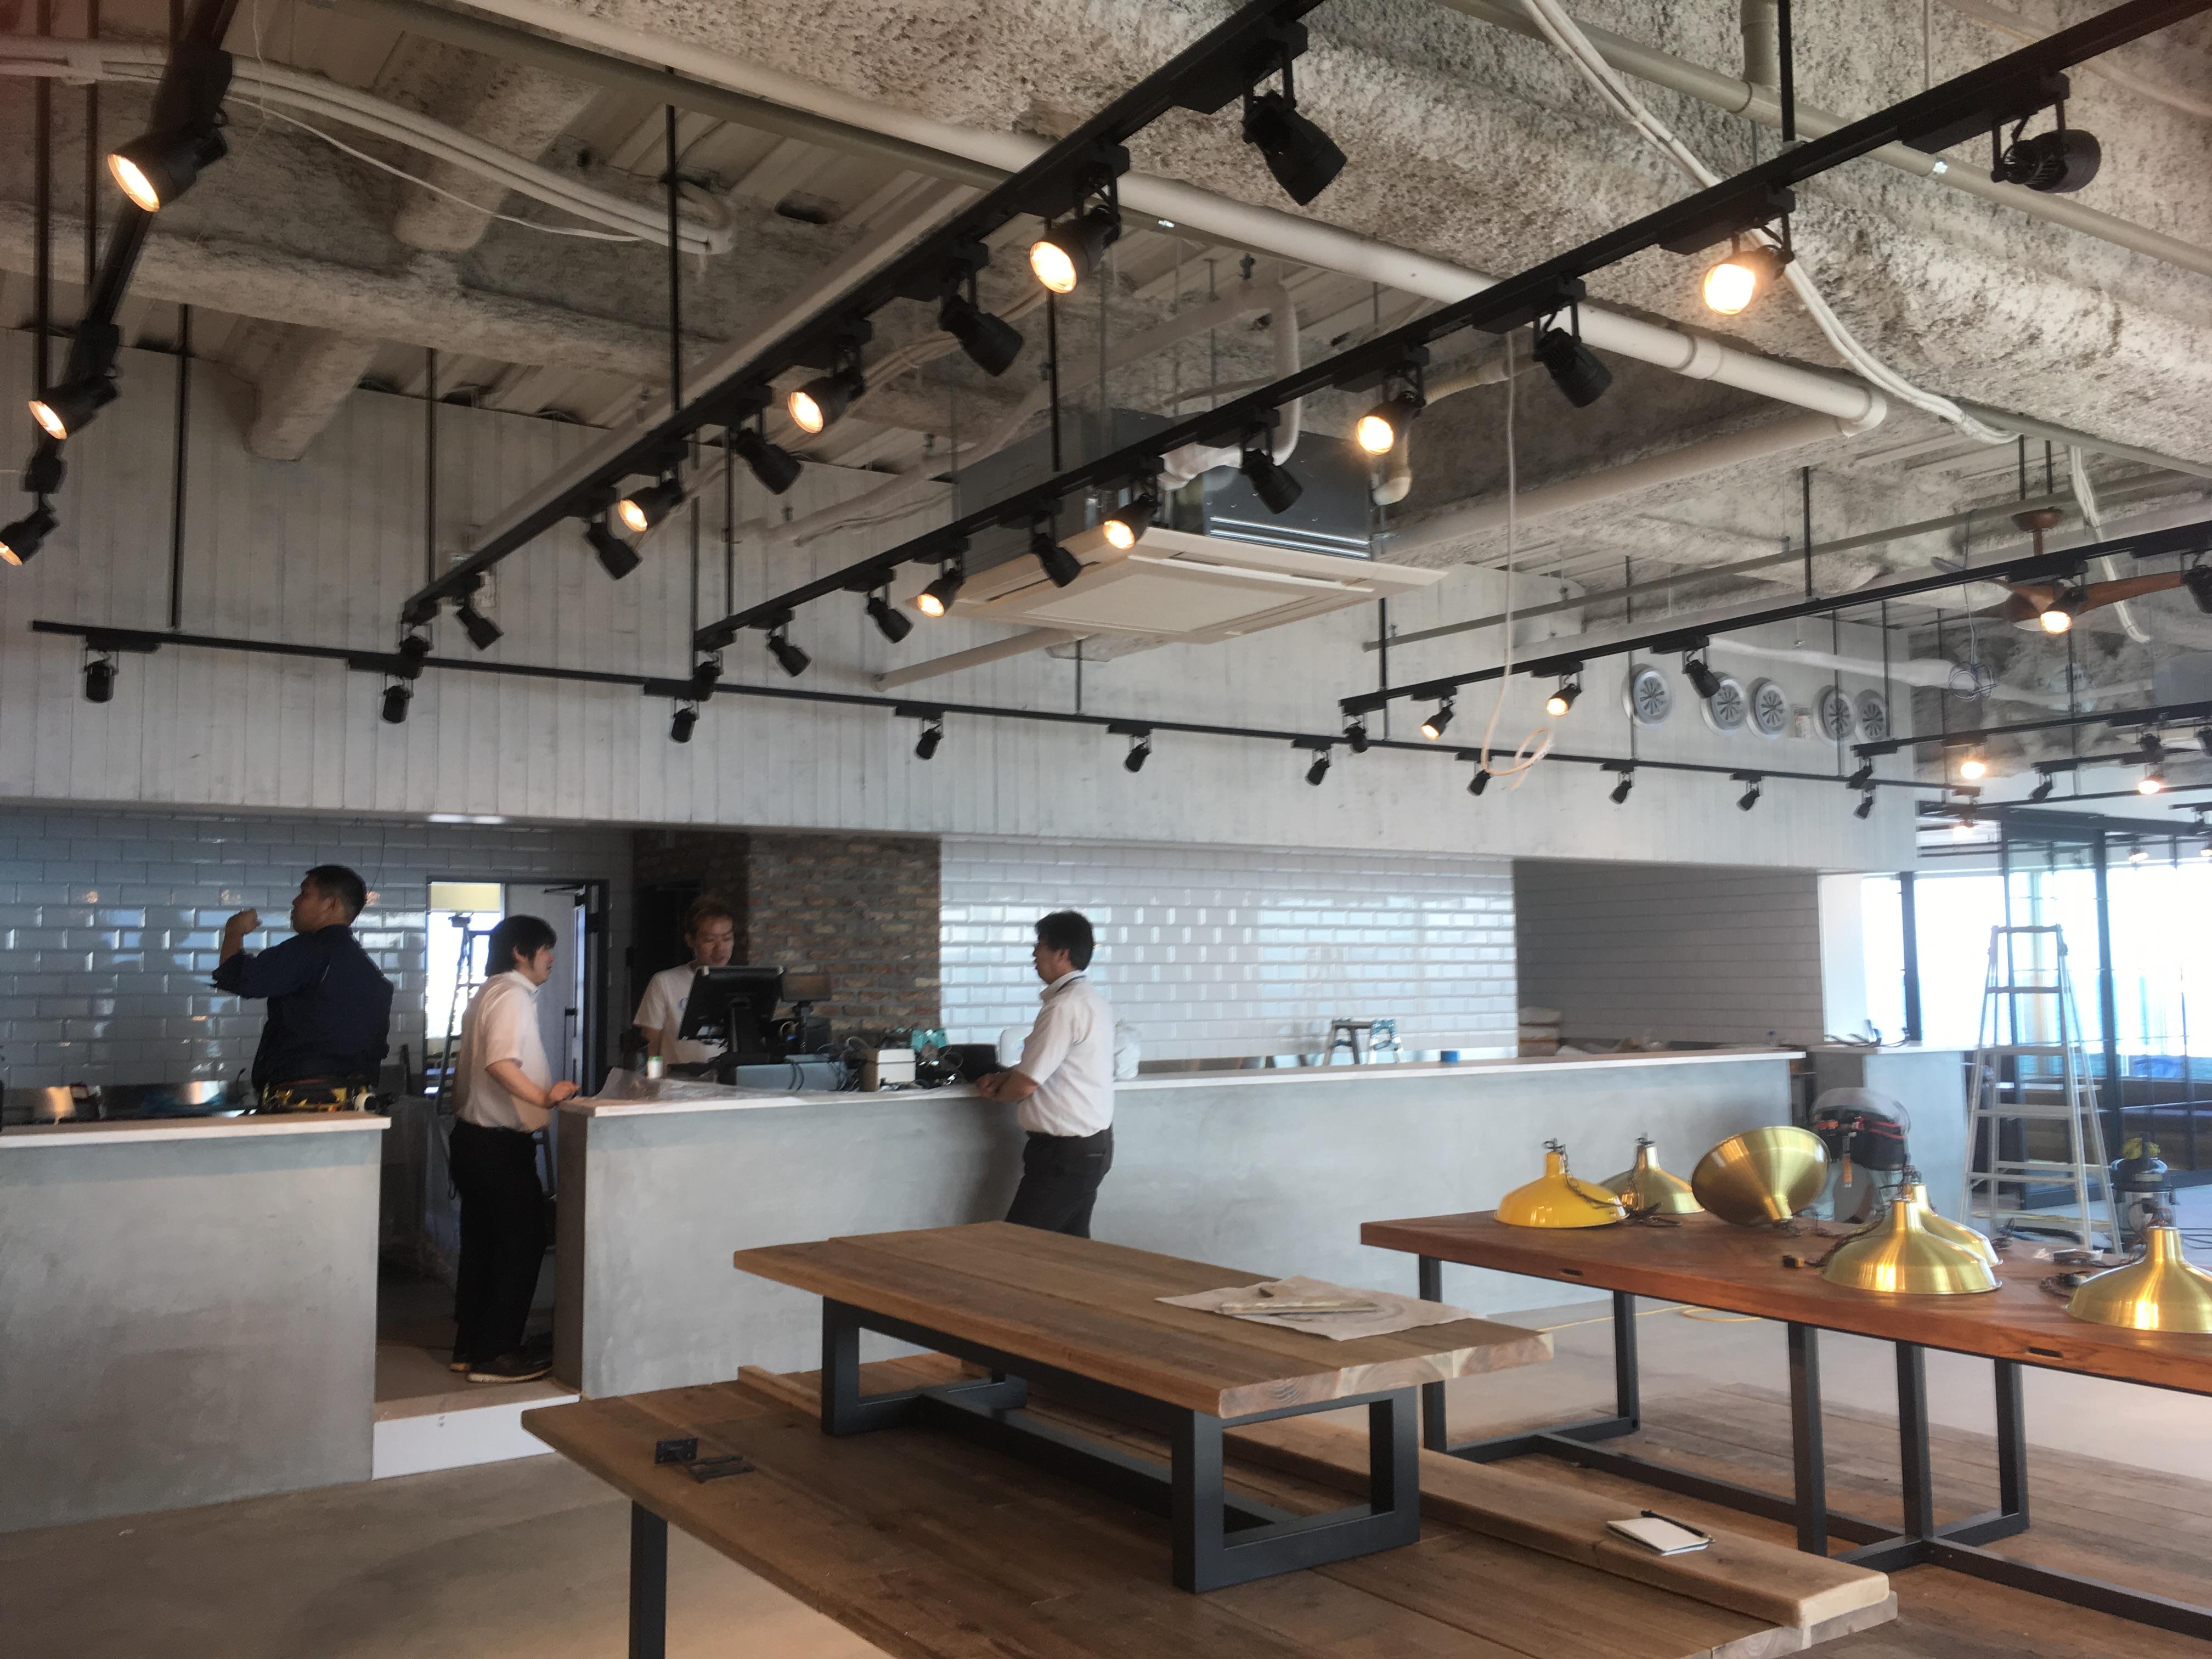 兵庫県神戸市 某飲食店様 空調機新設工事